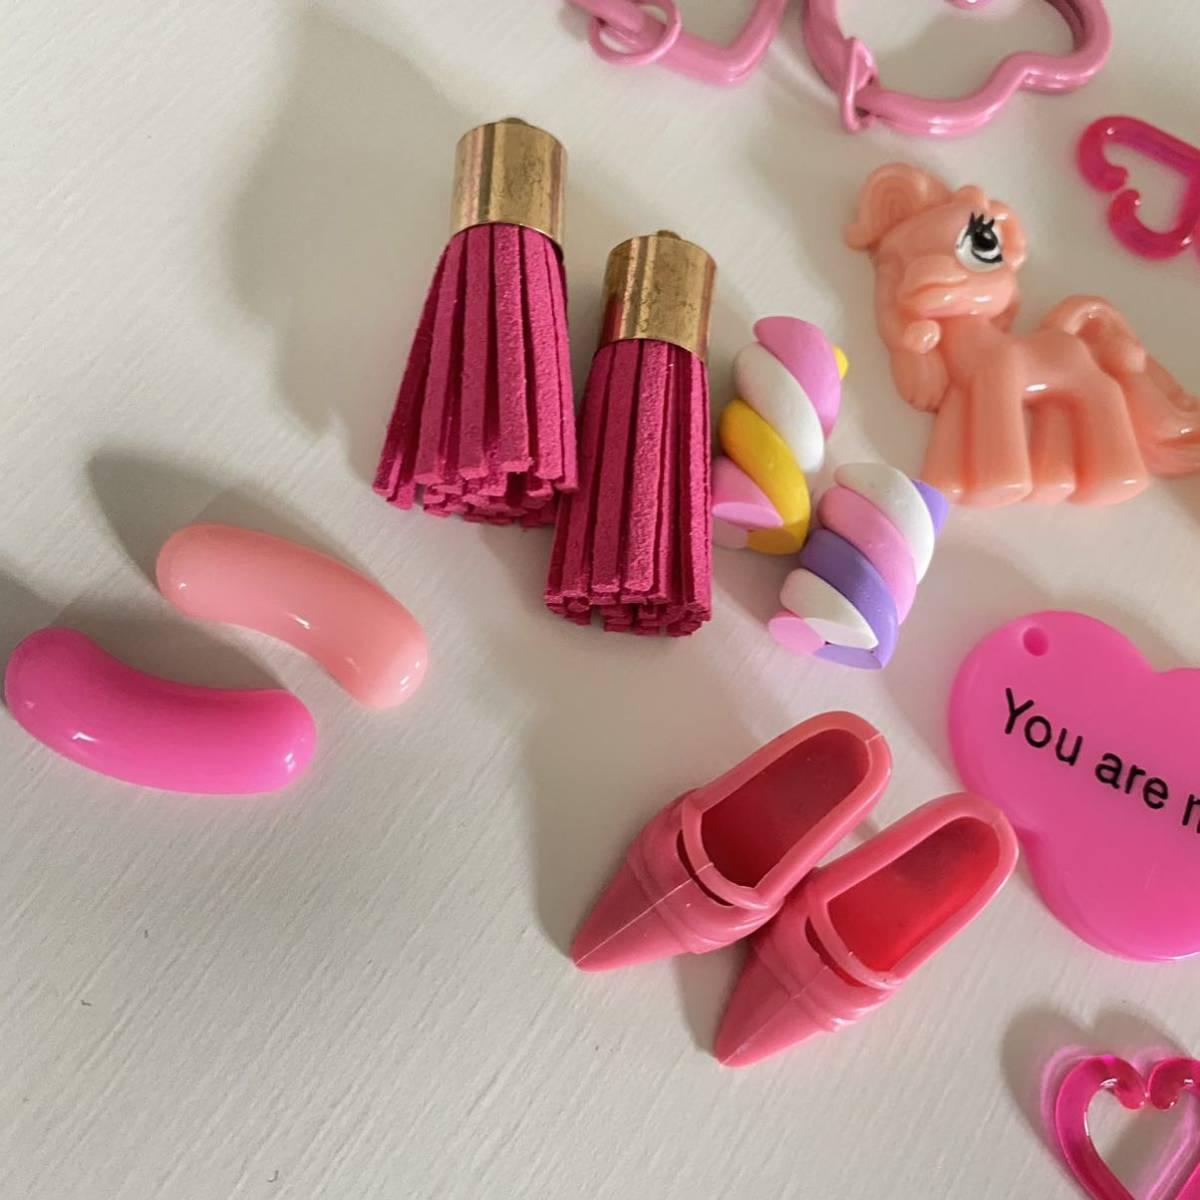 デコパーツ セット ピンク バービー フリンジ リボン ソフトクリーム デコ デコ電 パーツ 素材